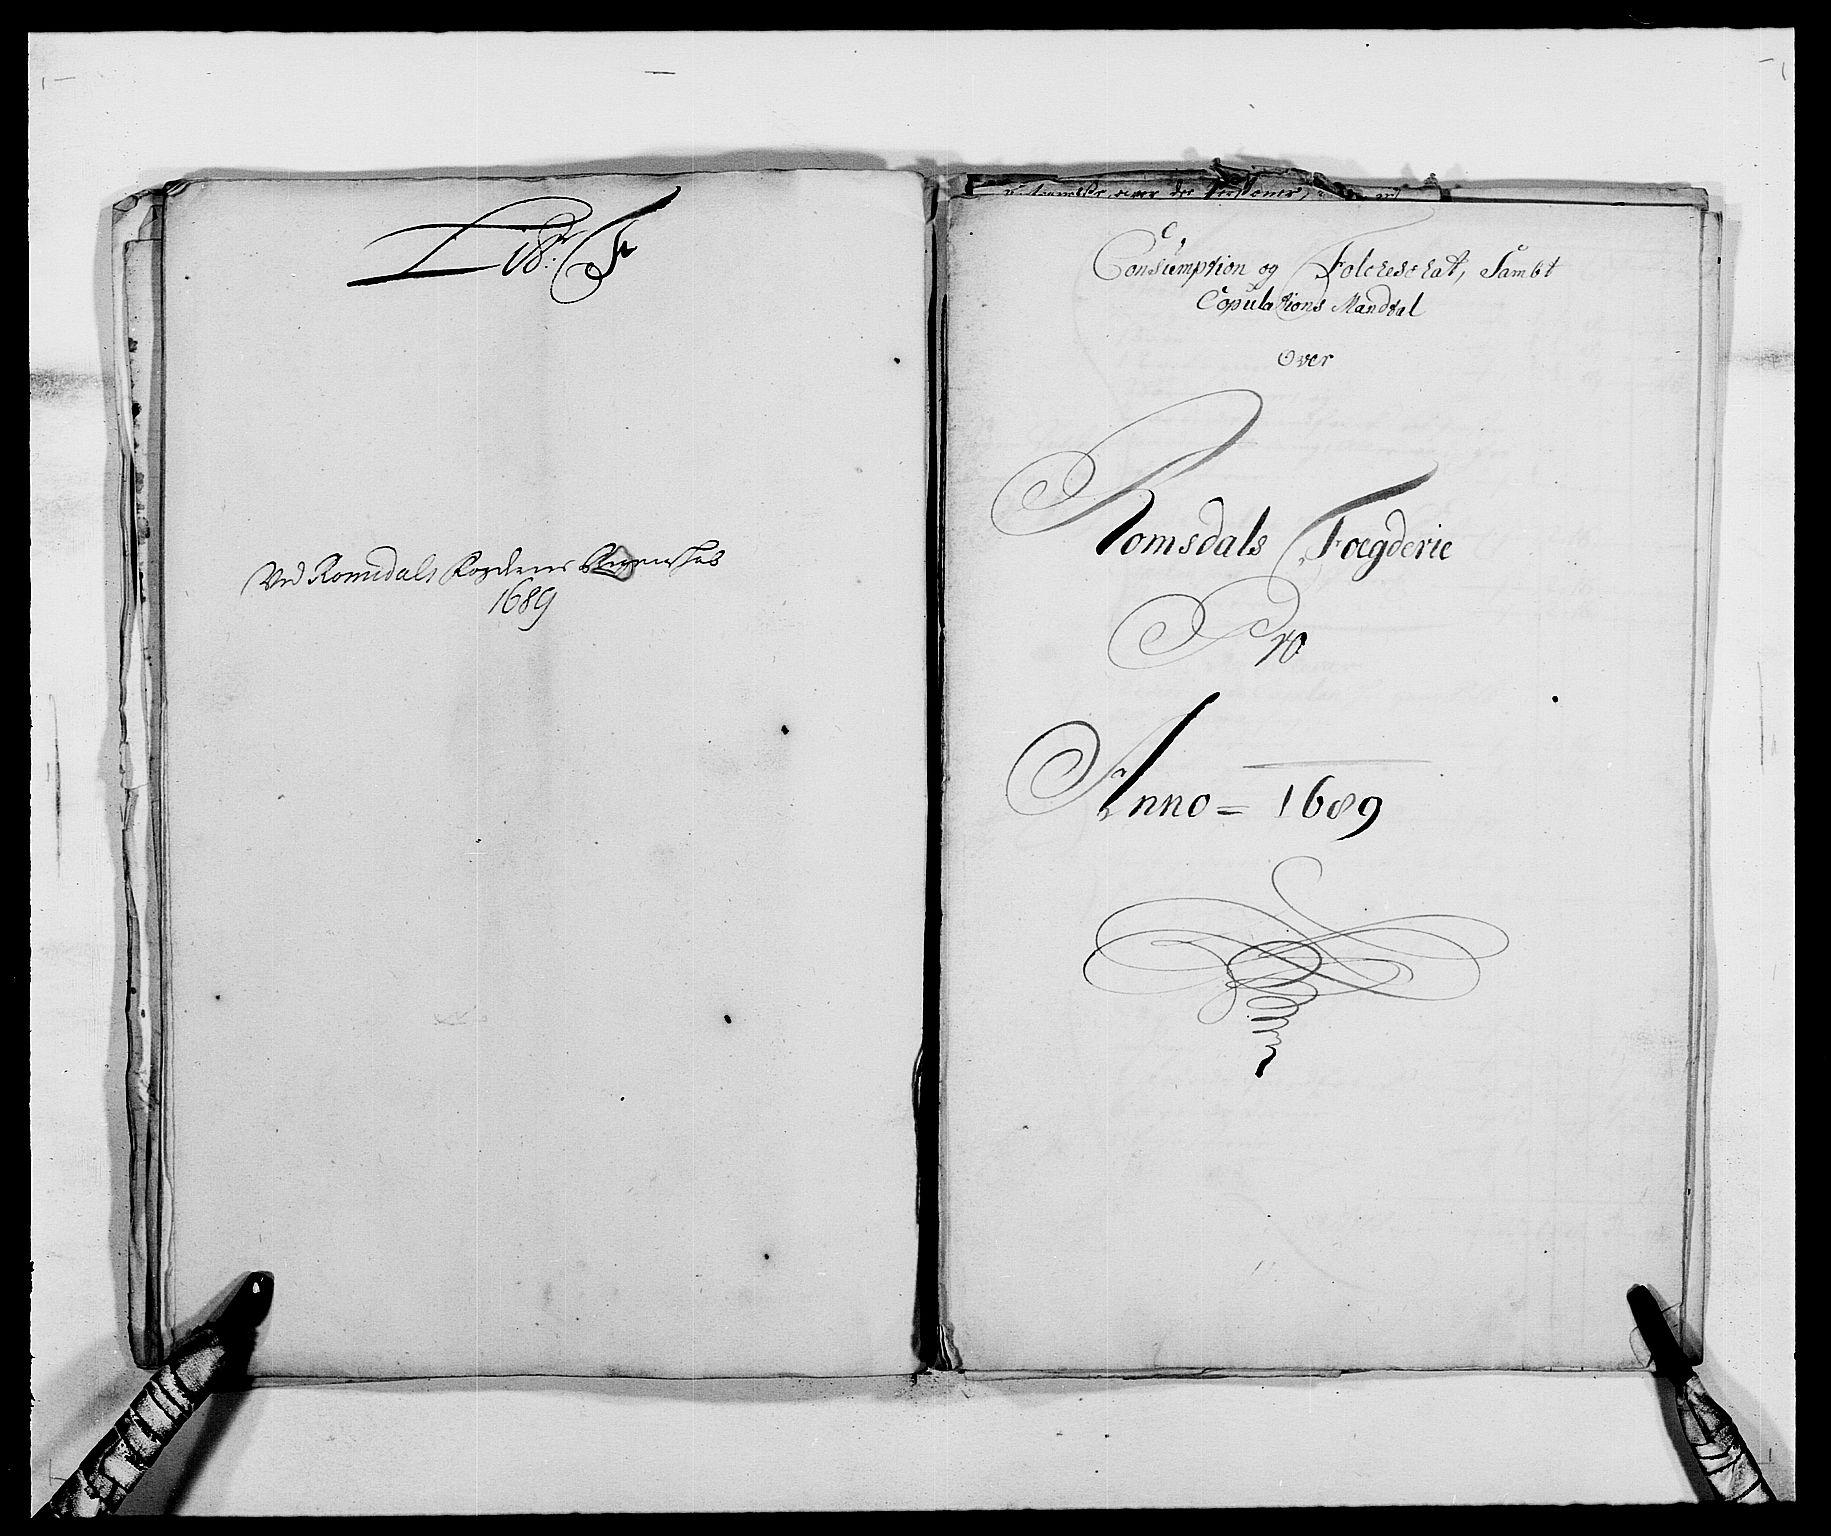 RA, Rentekammeret inntil 1814, Reviderte regnskaper, Fogderegnskap, R55/L3648: Fogderegnskap Romsdal, 1687-1689, s. 344